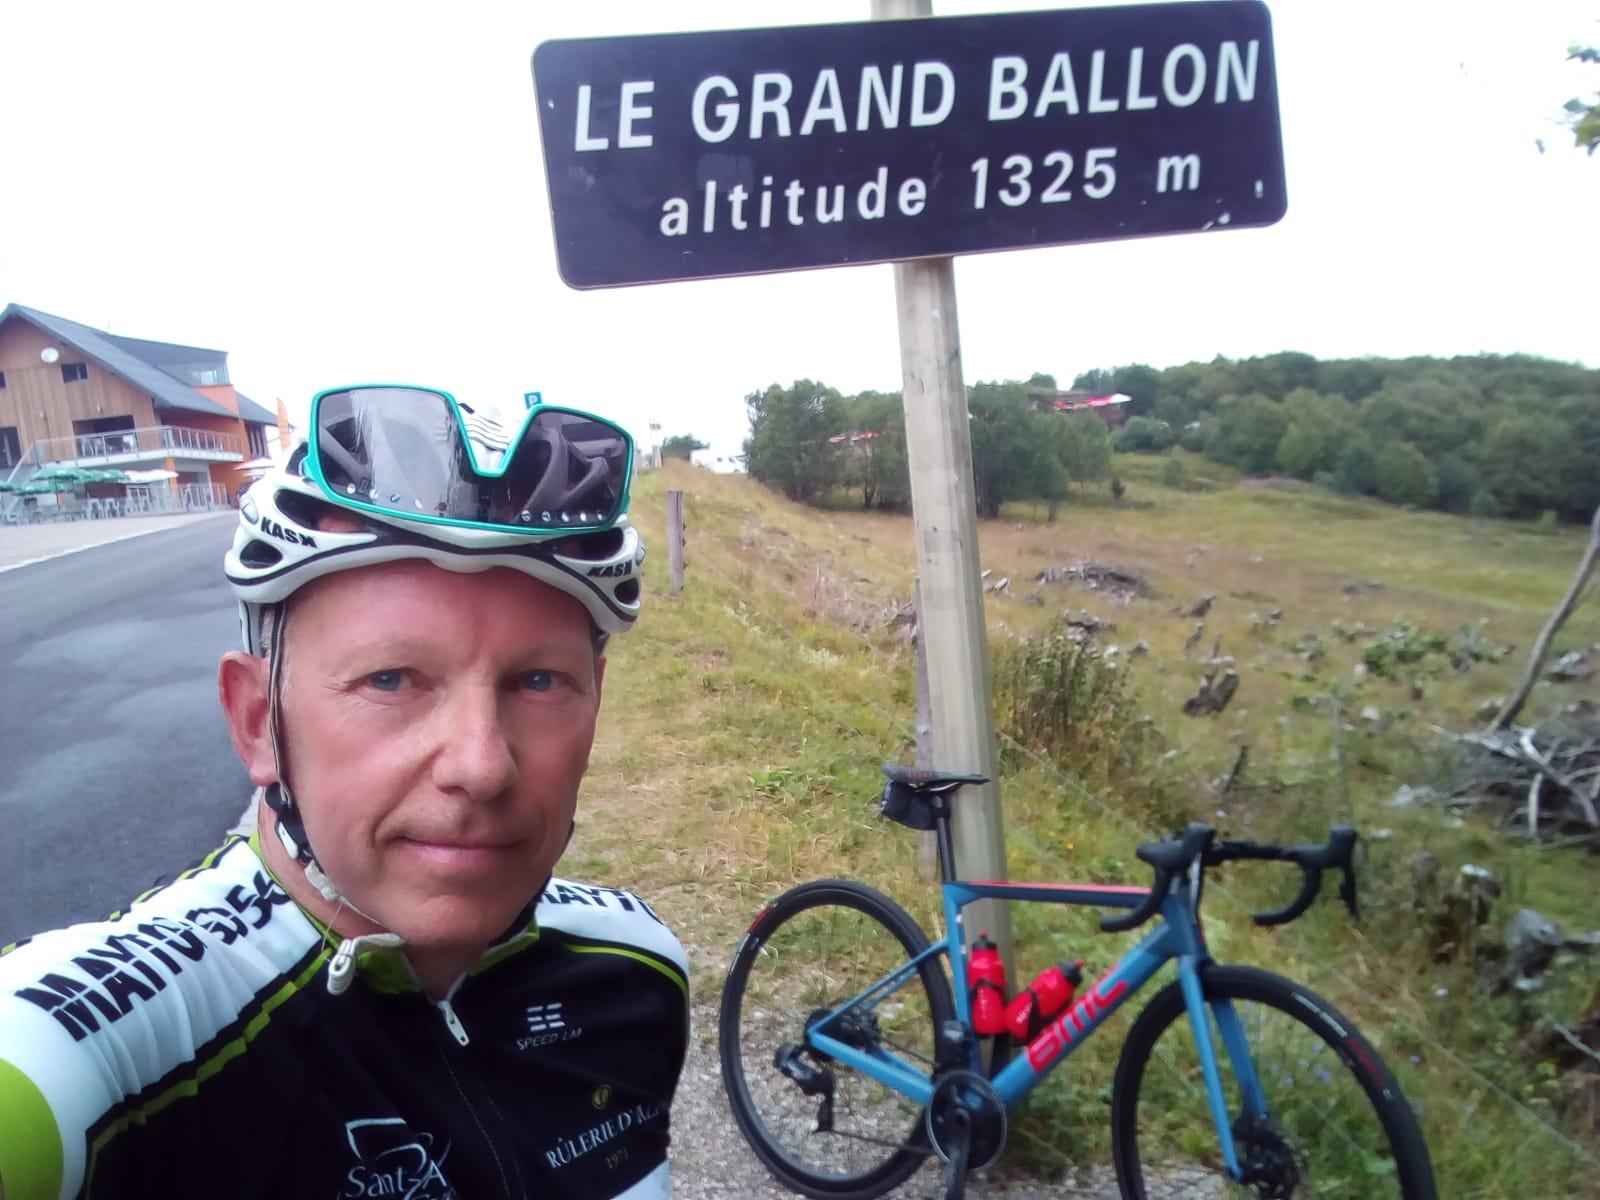 Marc en vacances au Grand Ballon altitude 1325m